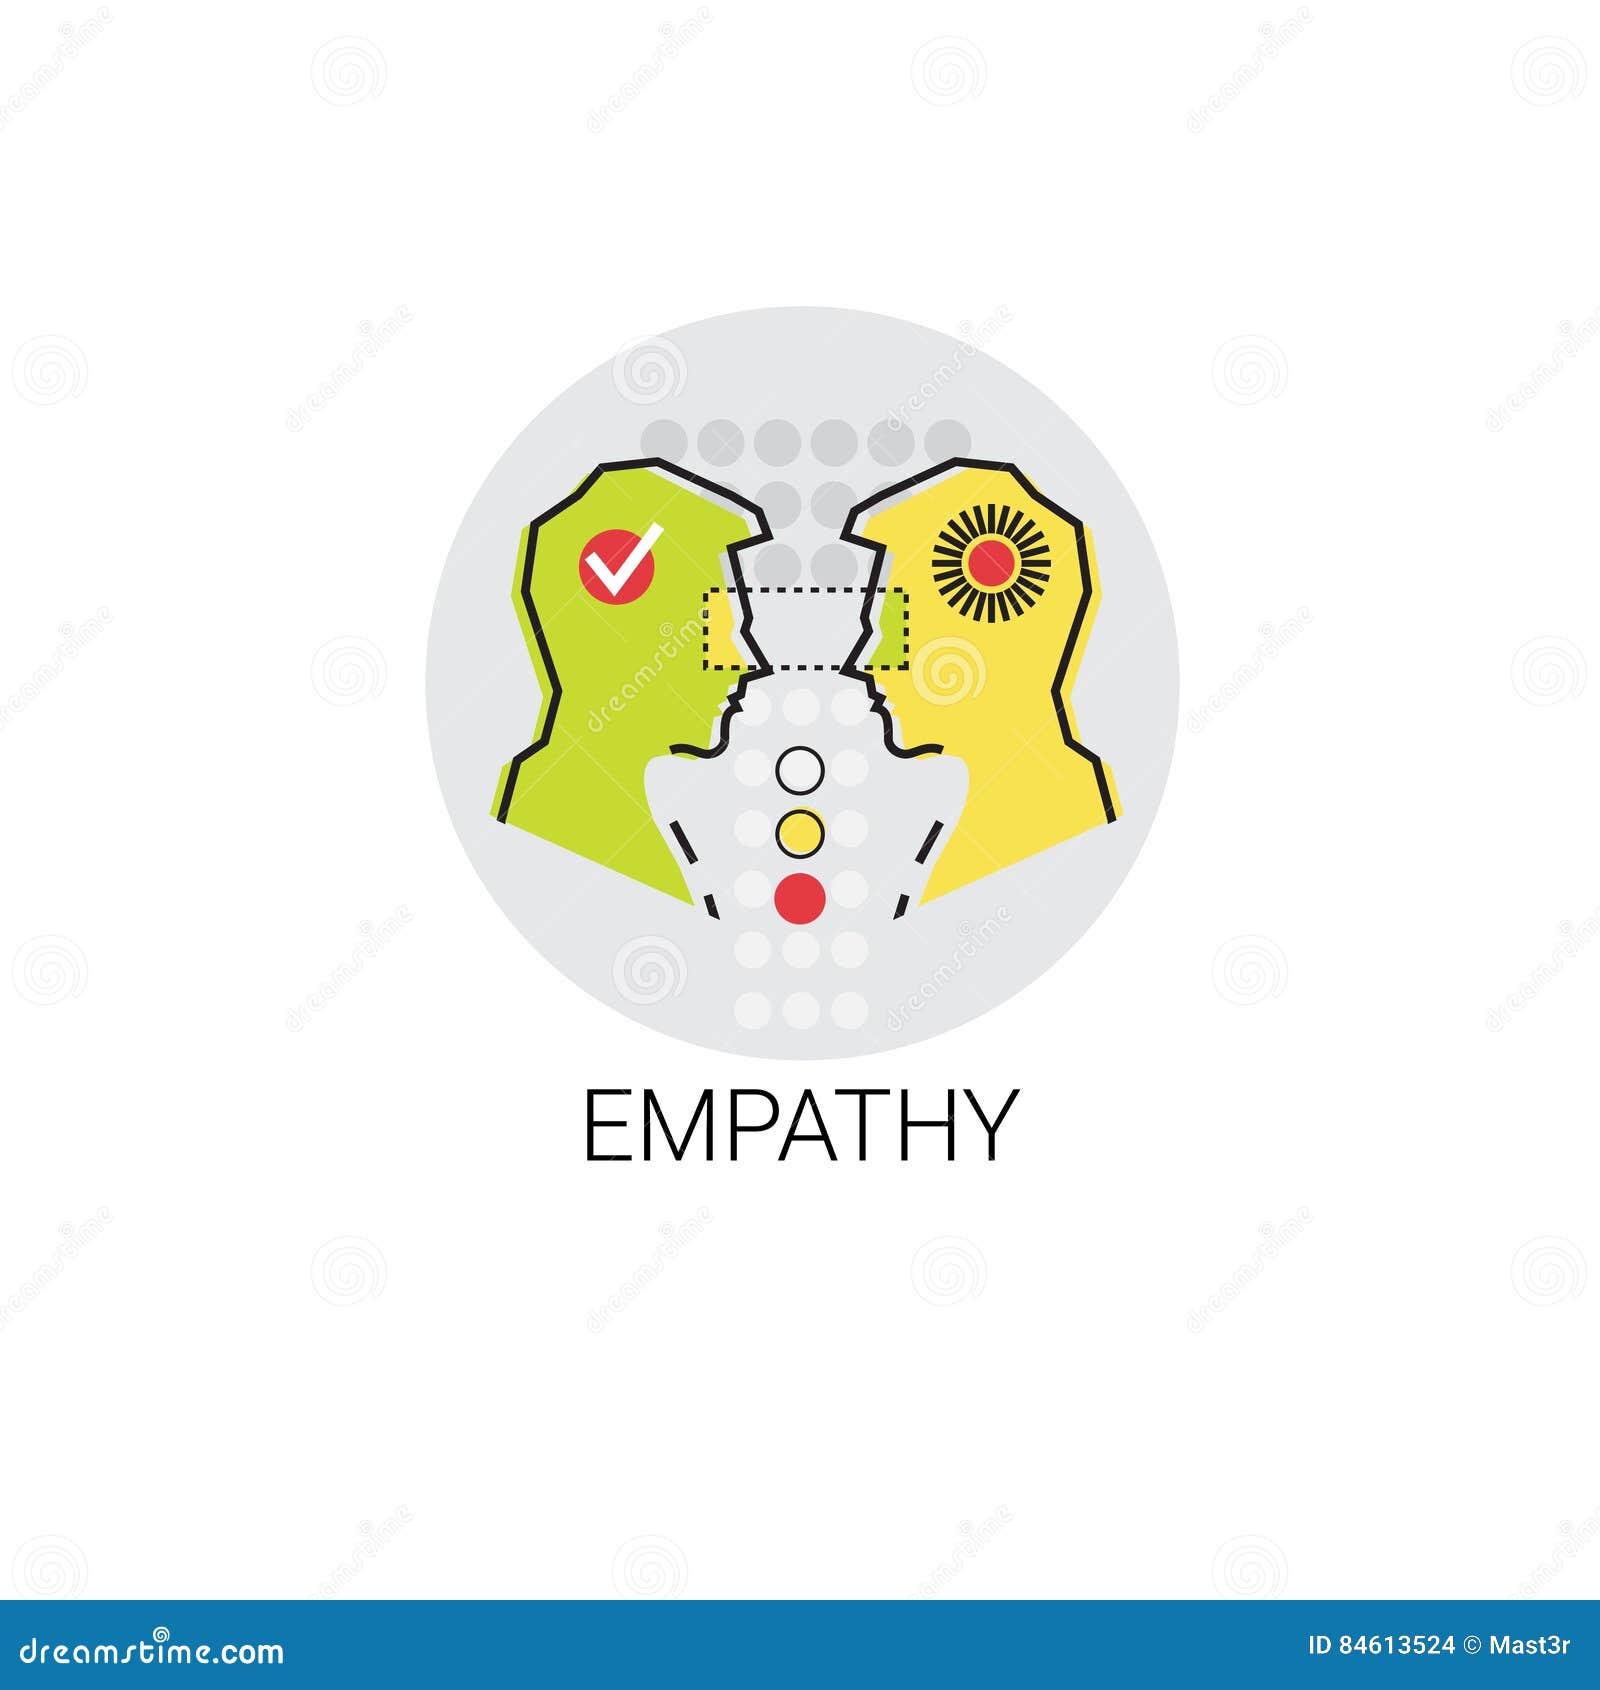 Icône De Relations De Personnes De Compassion D'empathie ...